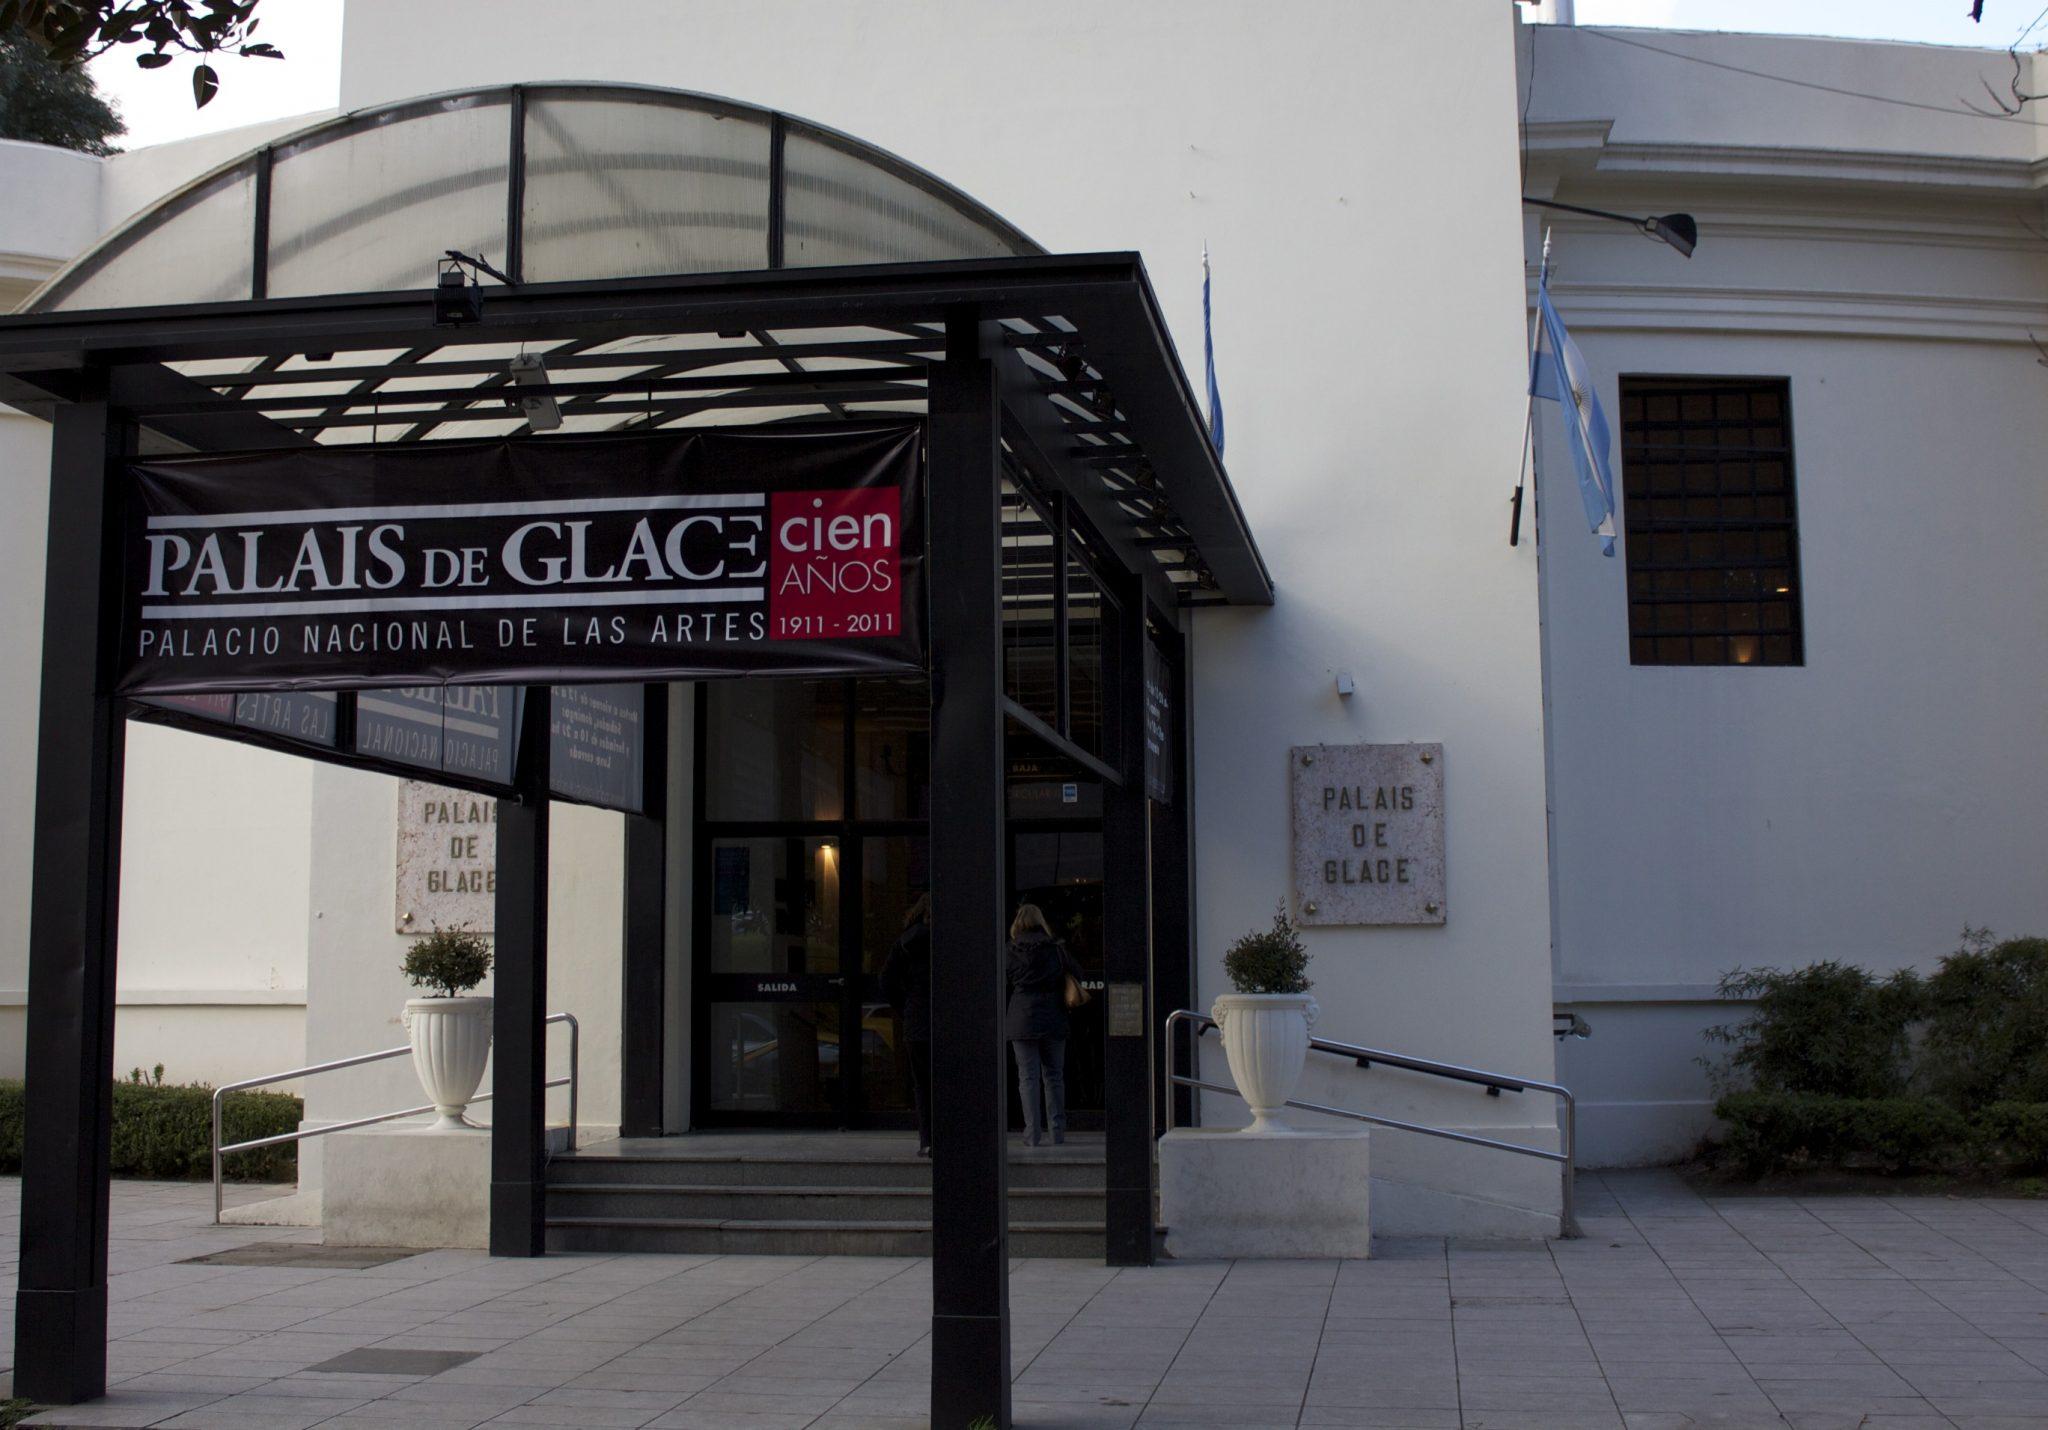 Nueva muestra de dibujo, escultura y pintura al Palais de Glace